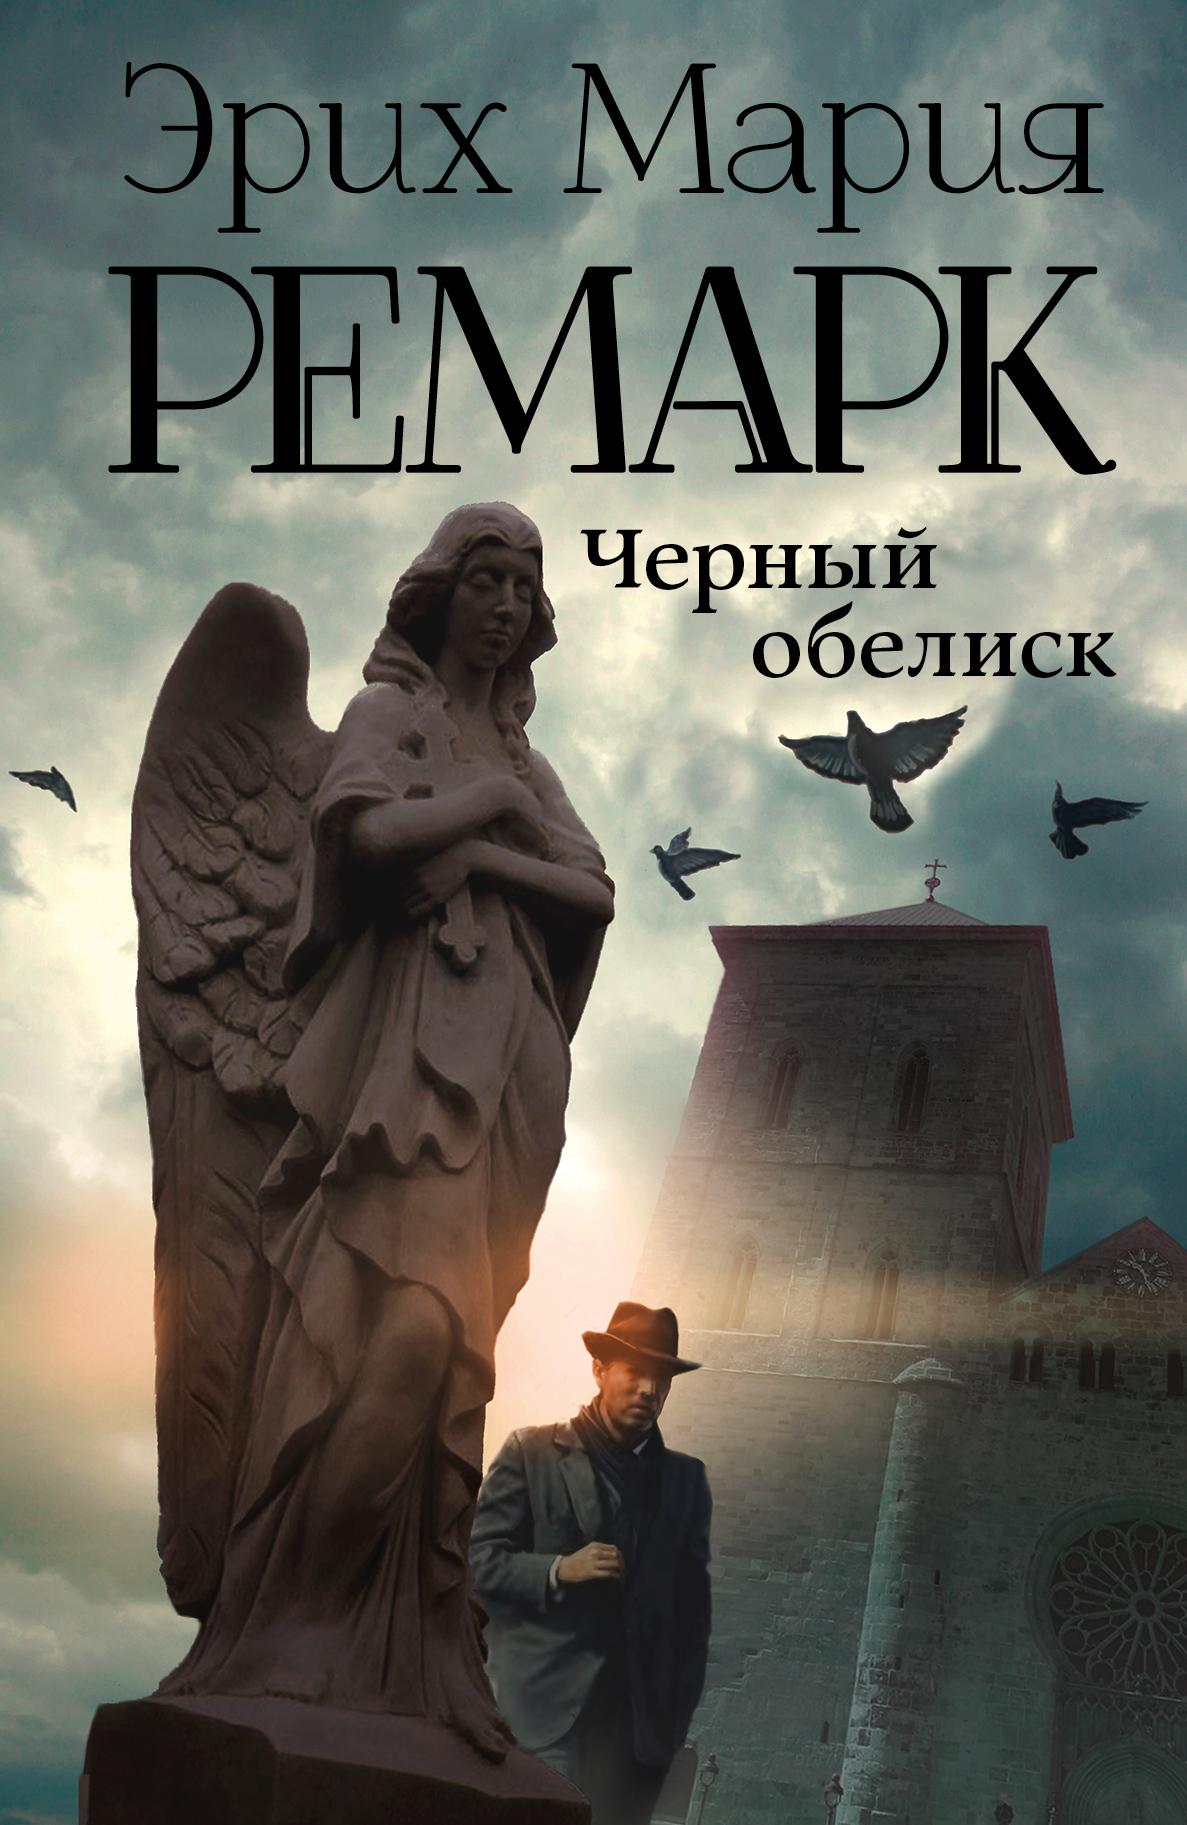 цена на Эрих Мария Ремарк Черный обелиск